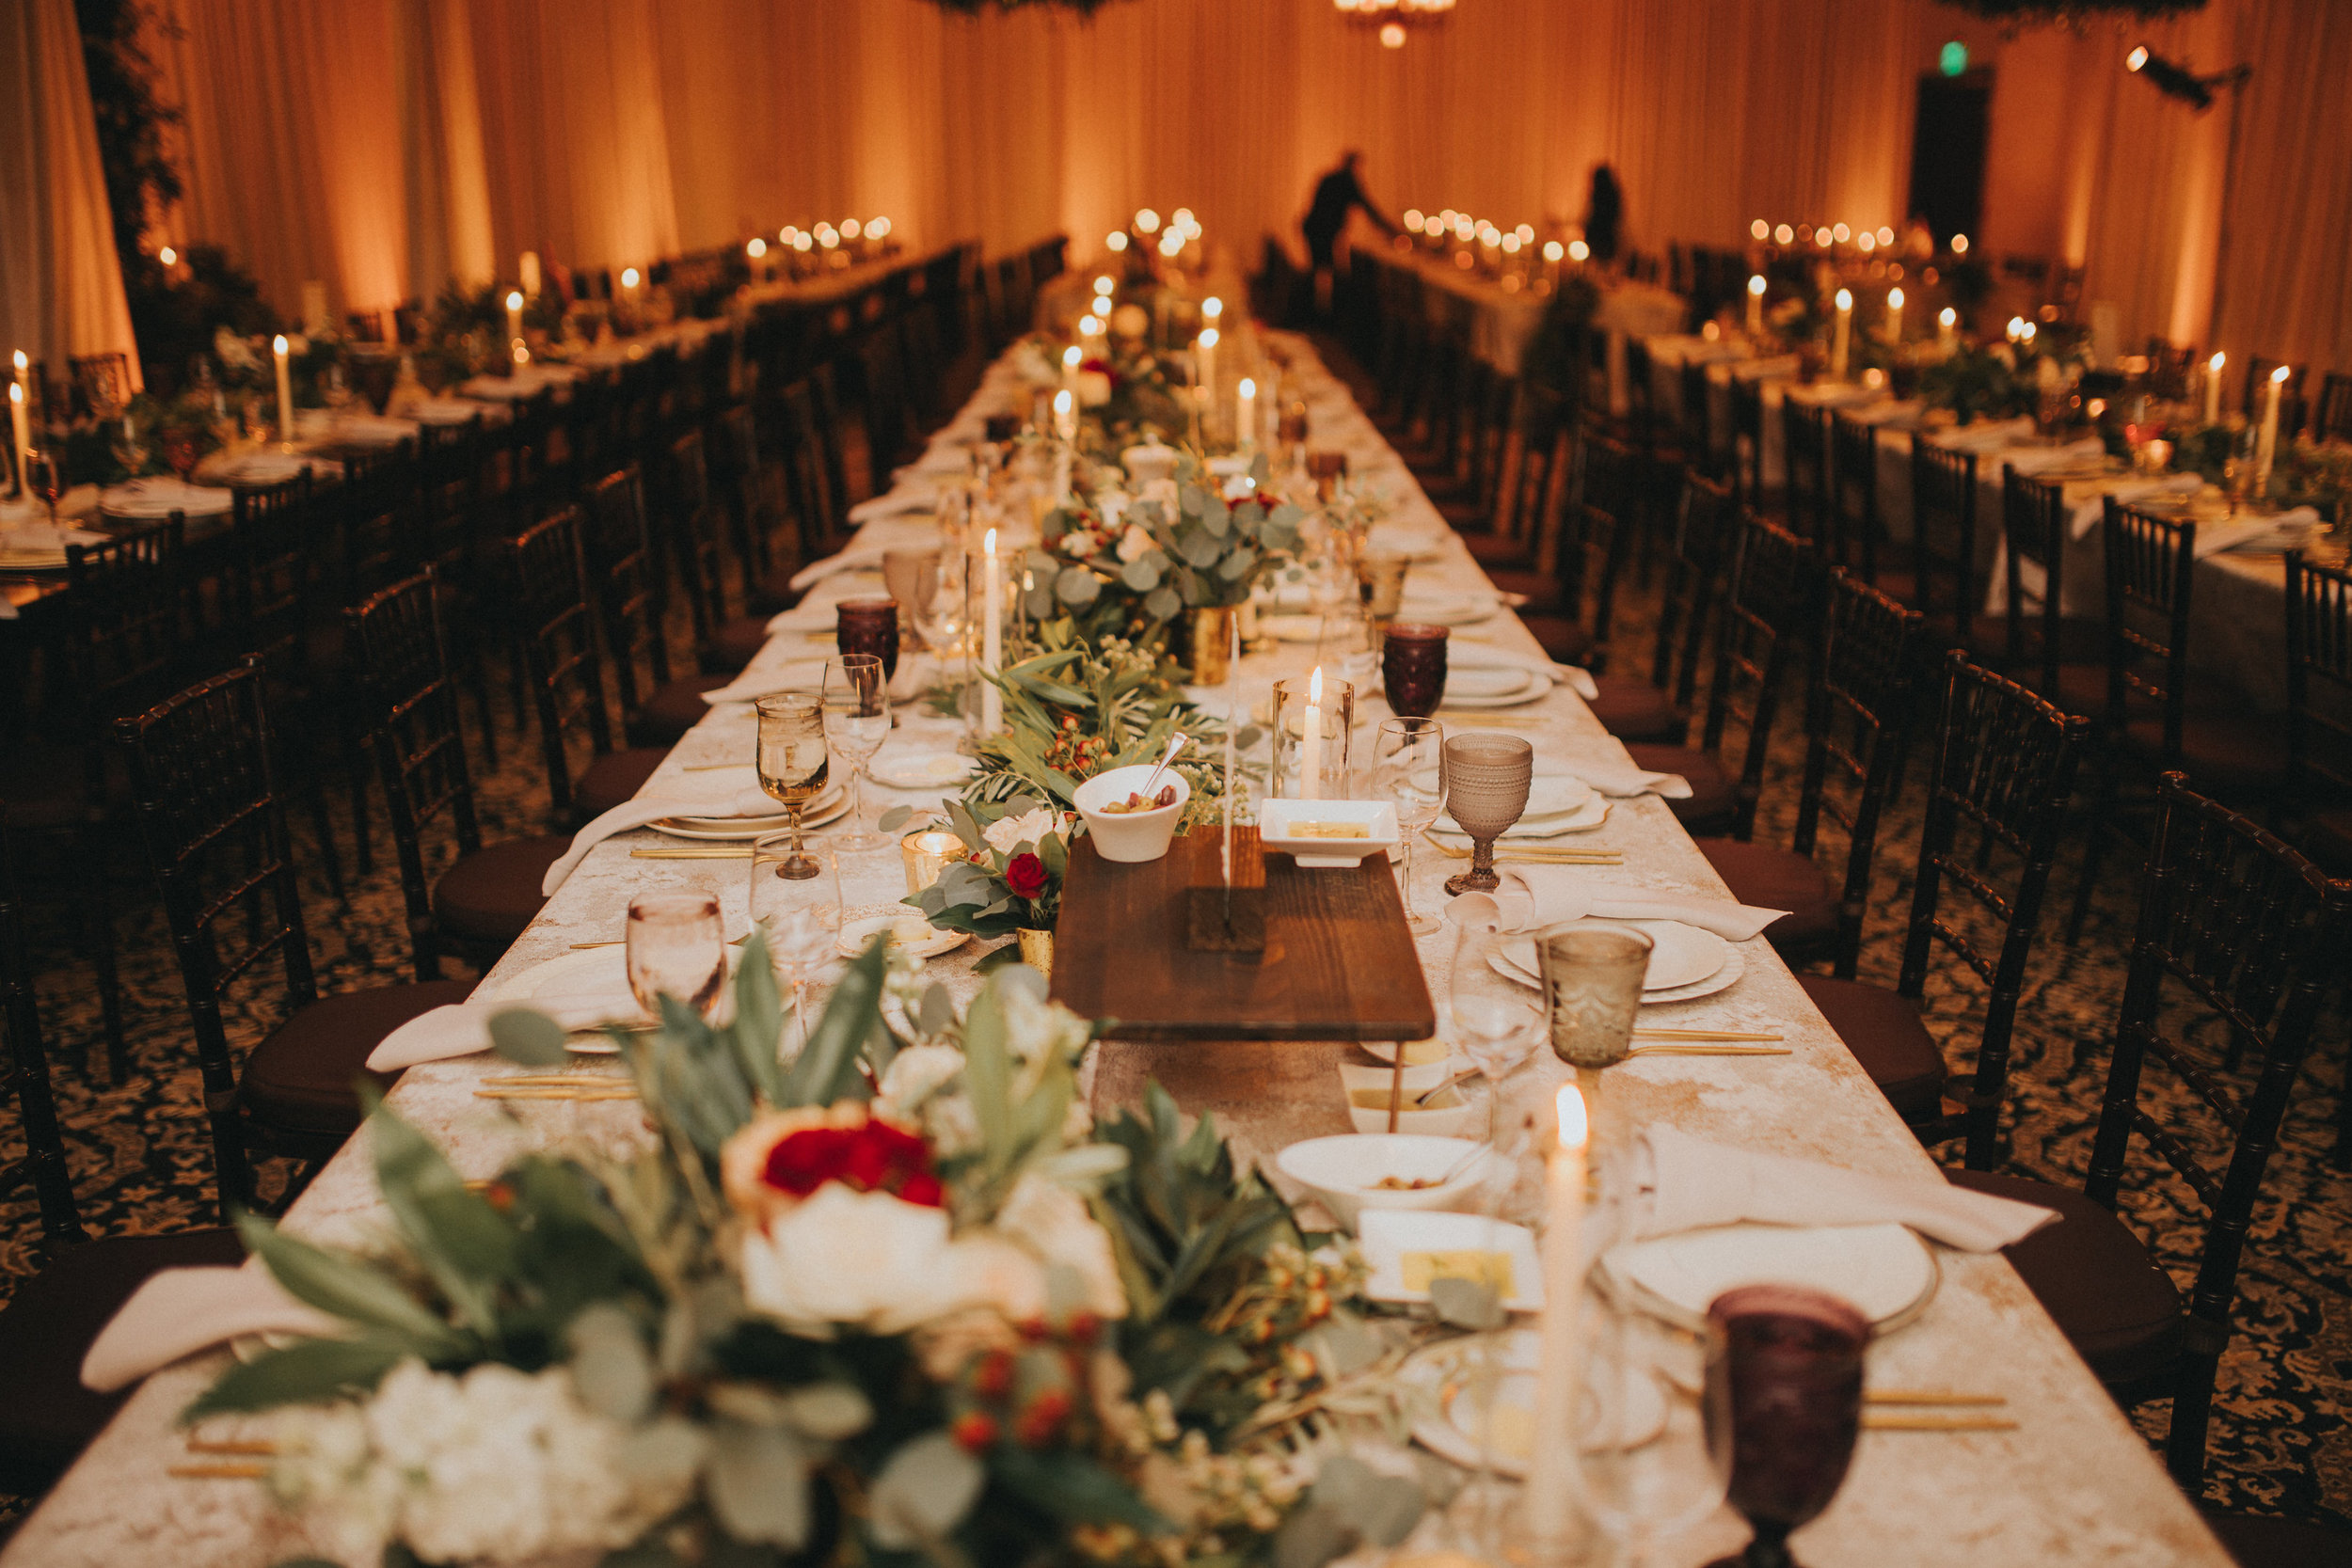 Modern day wedding reception banquet